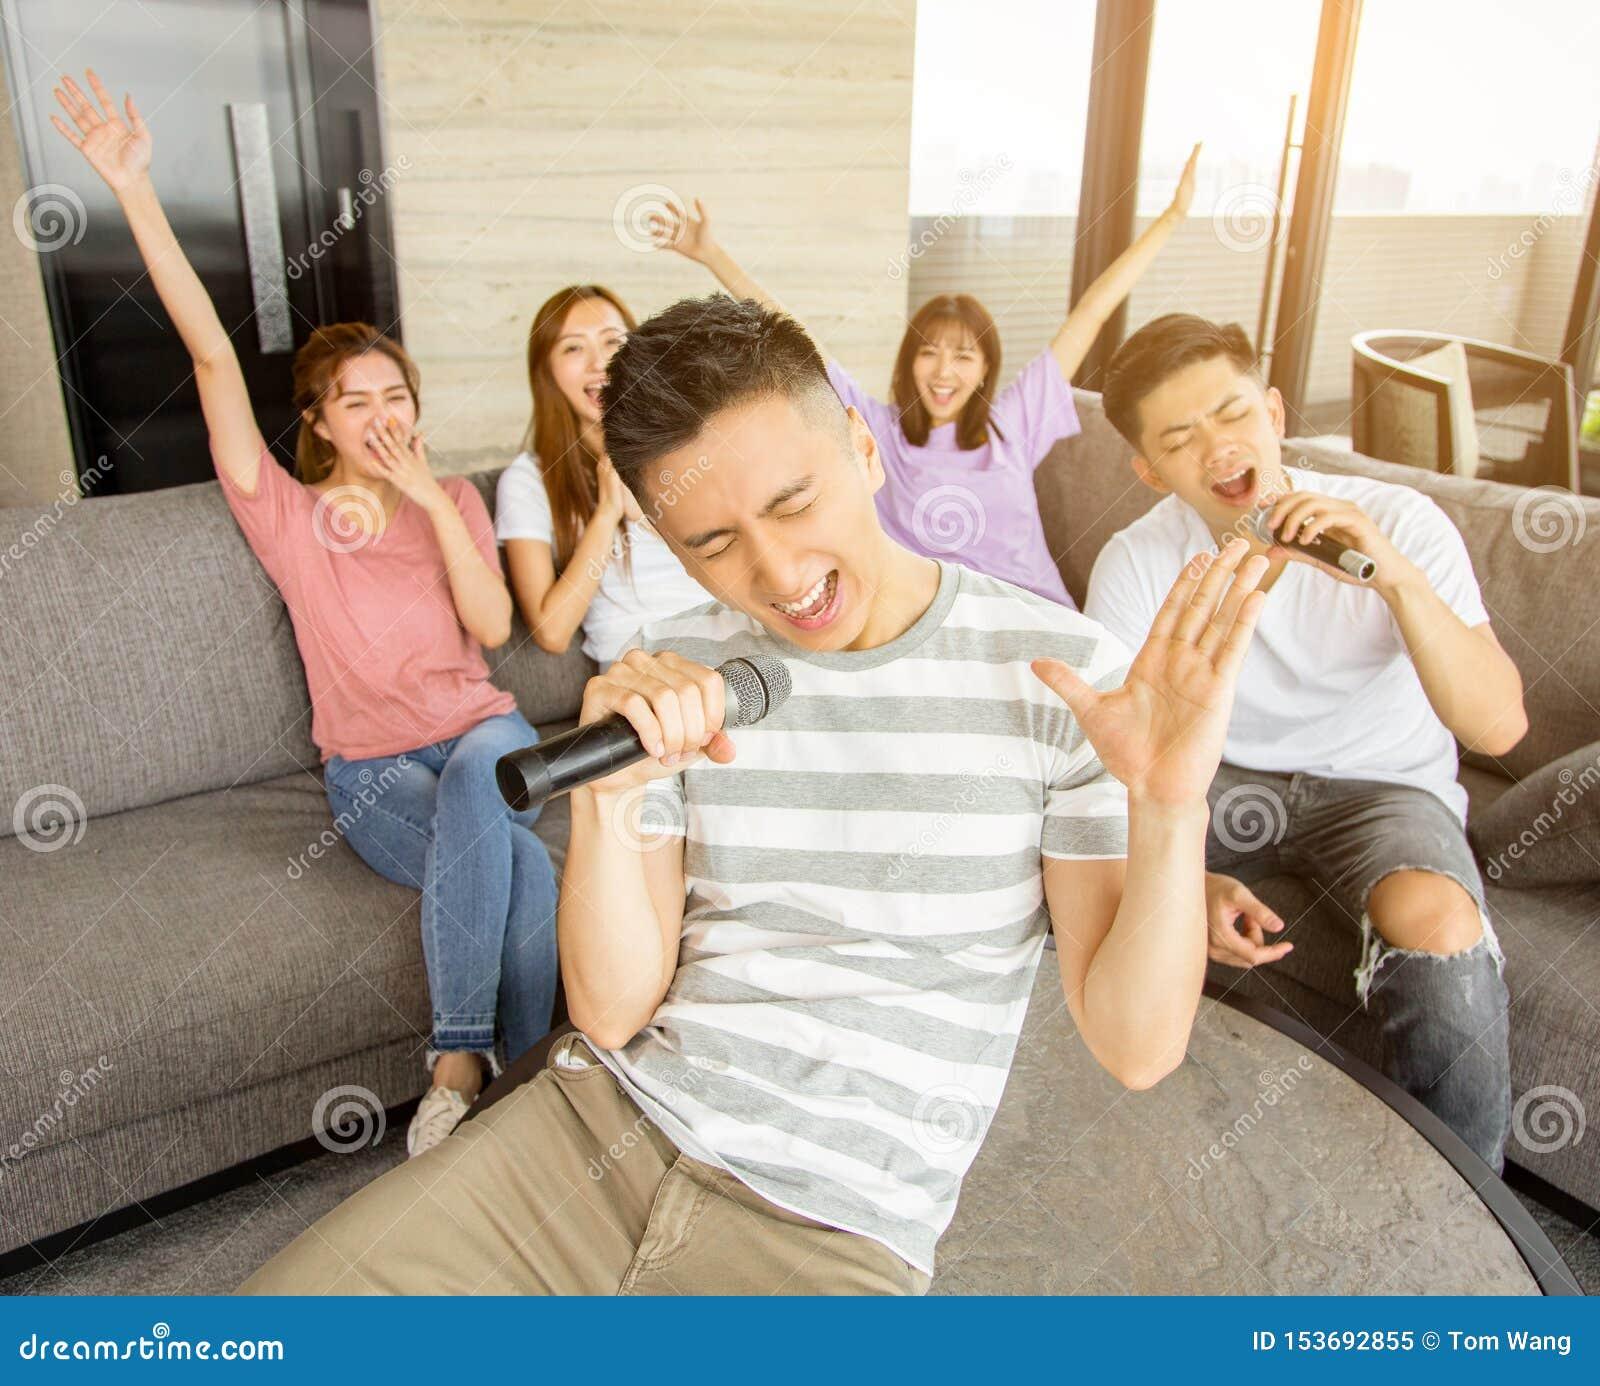 Gruppo di amici che giocano karaoke a casa